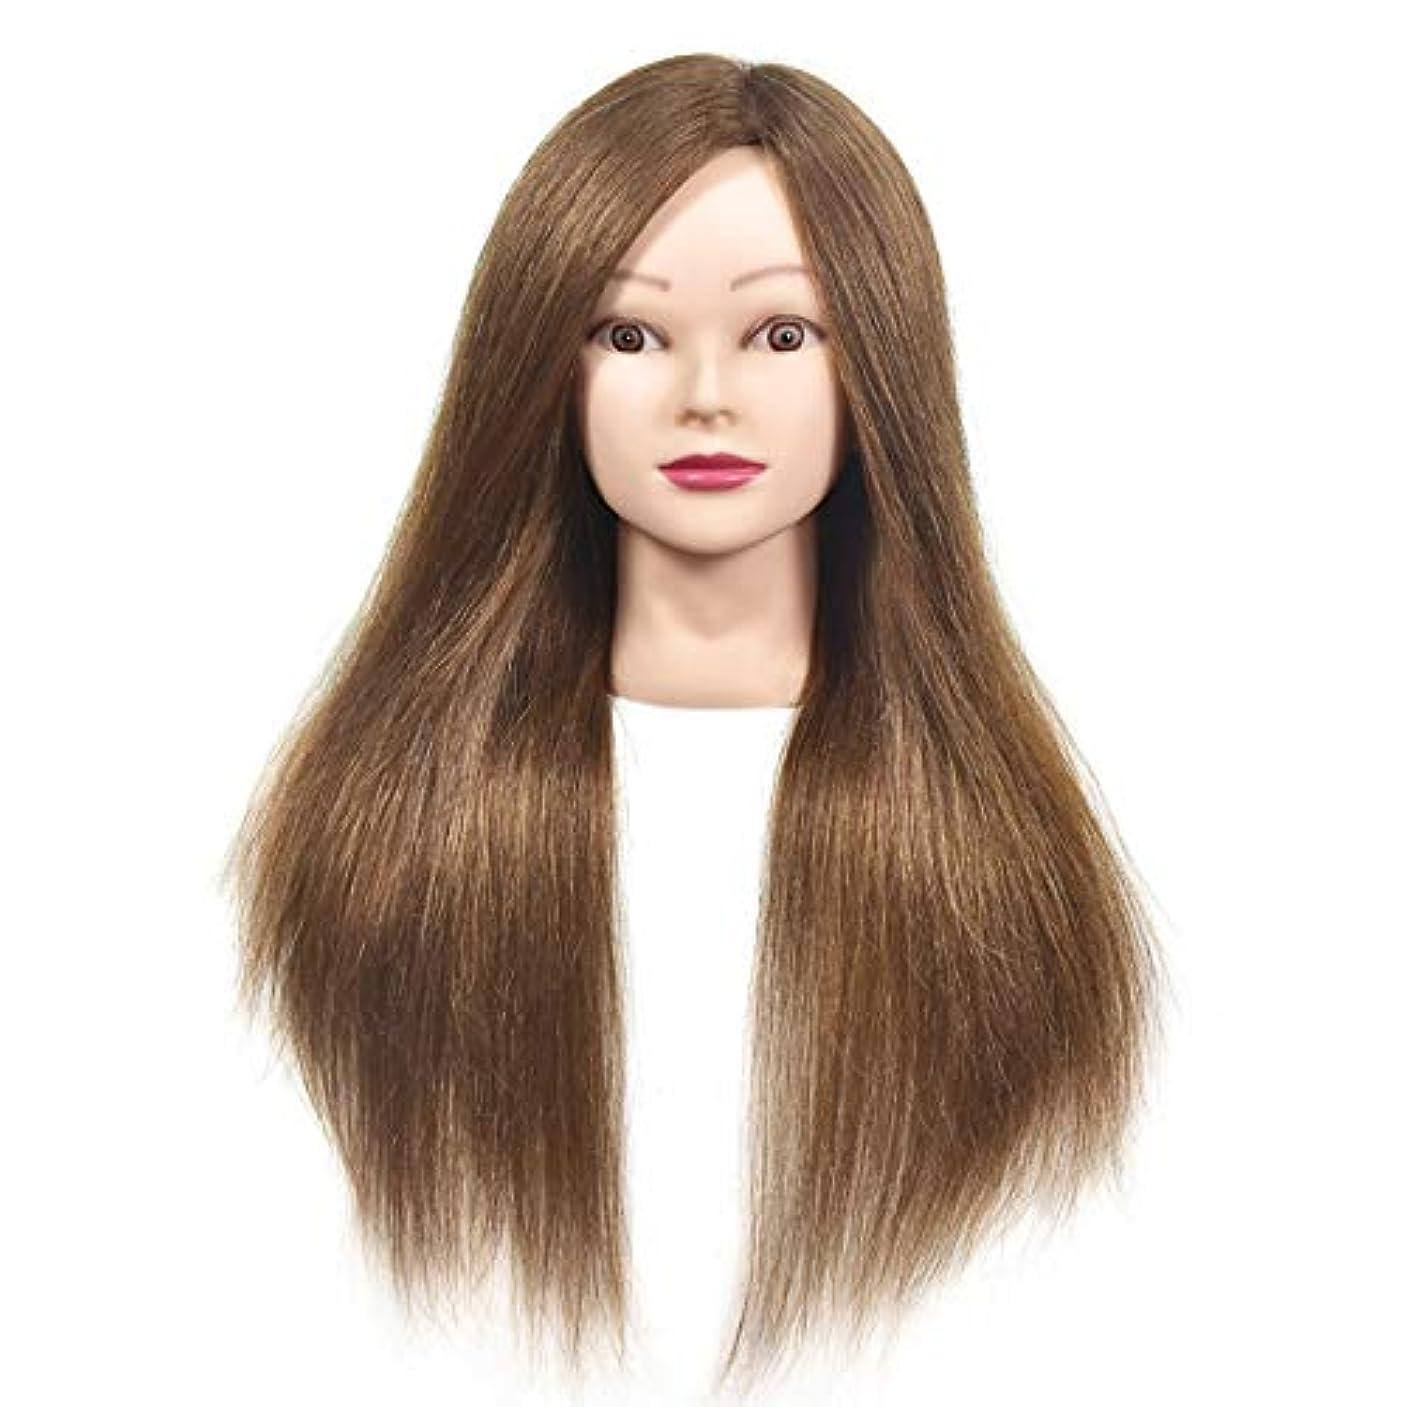 一晩ゴシップ飼い慣らす本物の人間の髪のかつらの頭の金型の頭の編み出しスタイリングのマネキン頭の理髪店の練習の教師のダミーヘッド